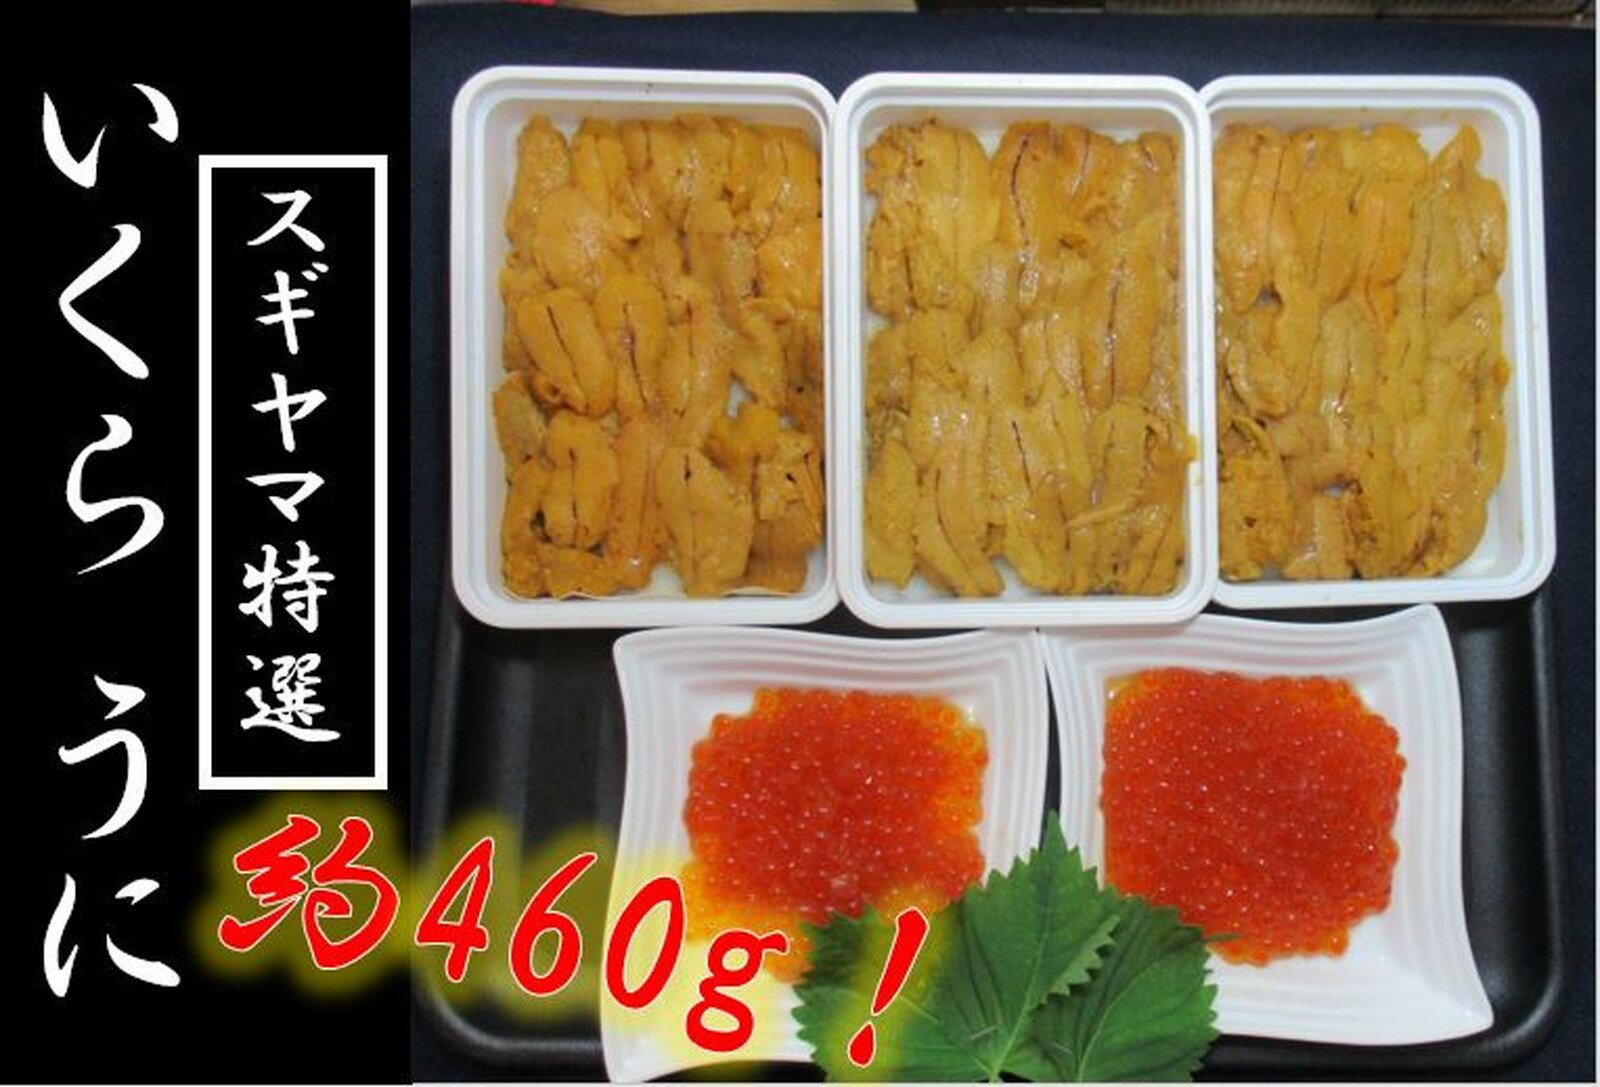 【ふるさと納税】c10-027 スギヤマ特選 いくら2うに3 ドッサリ!